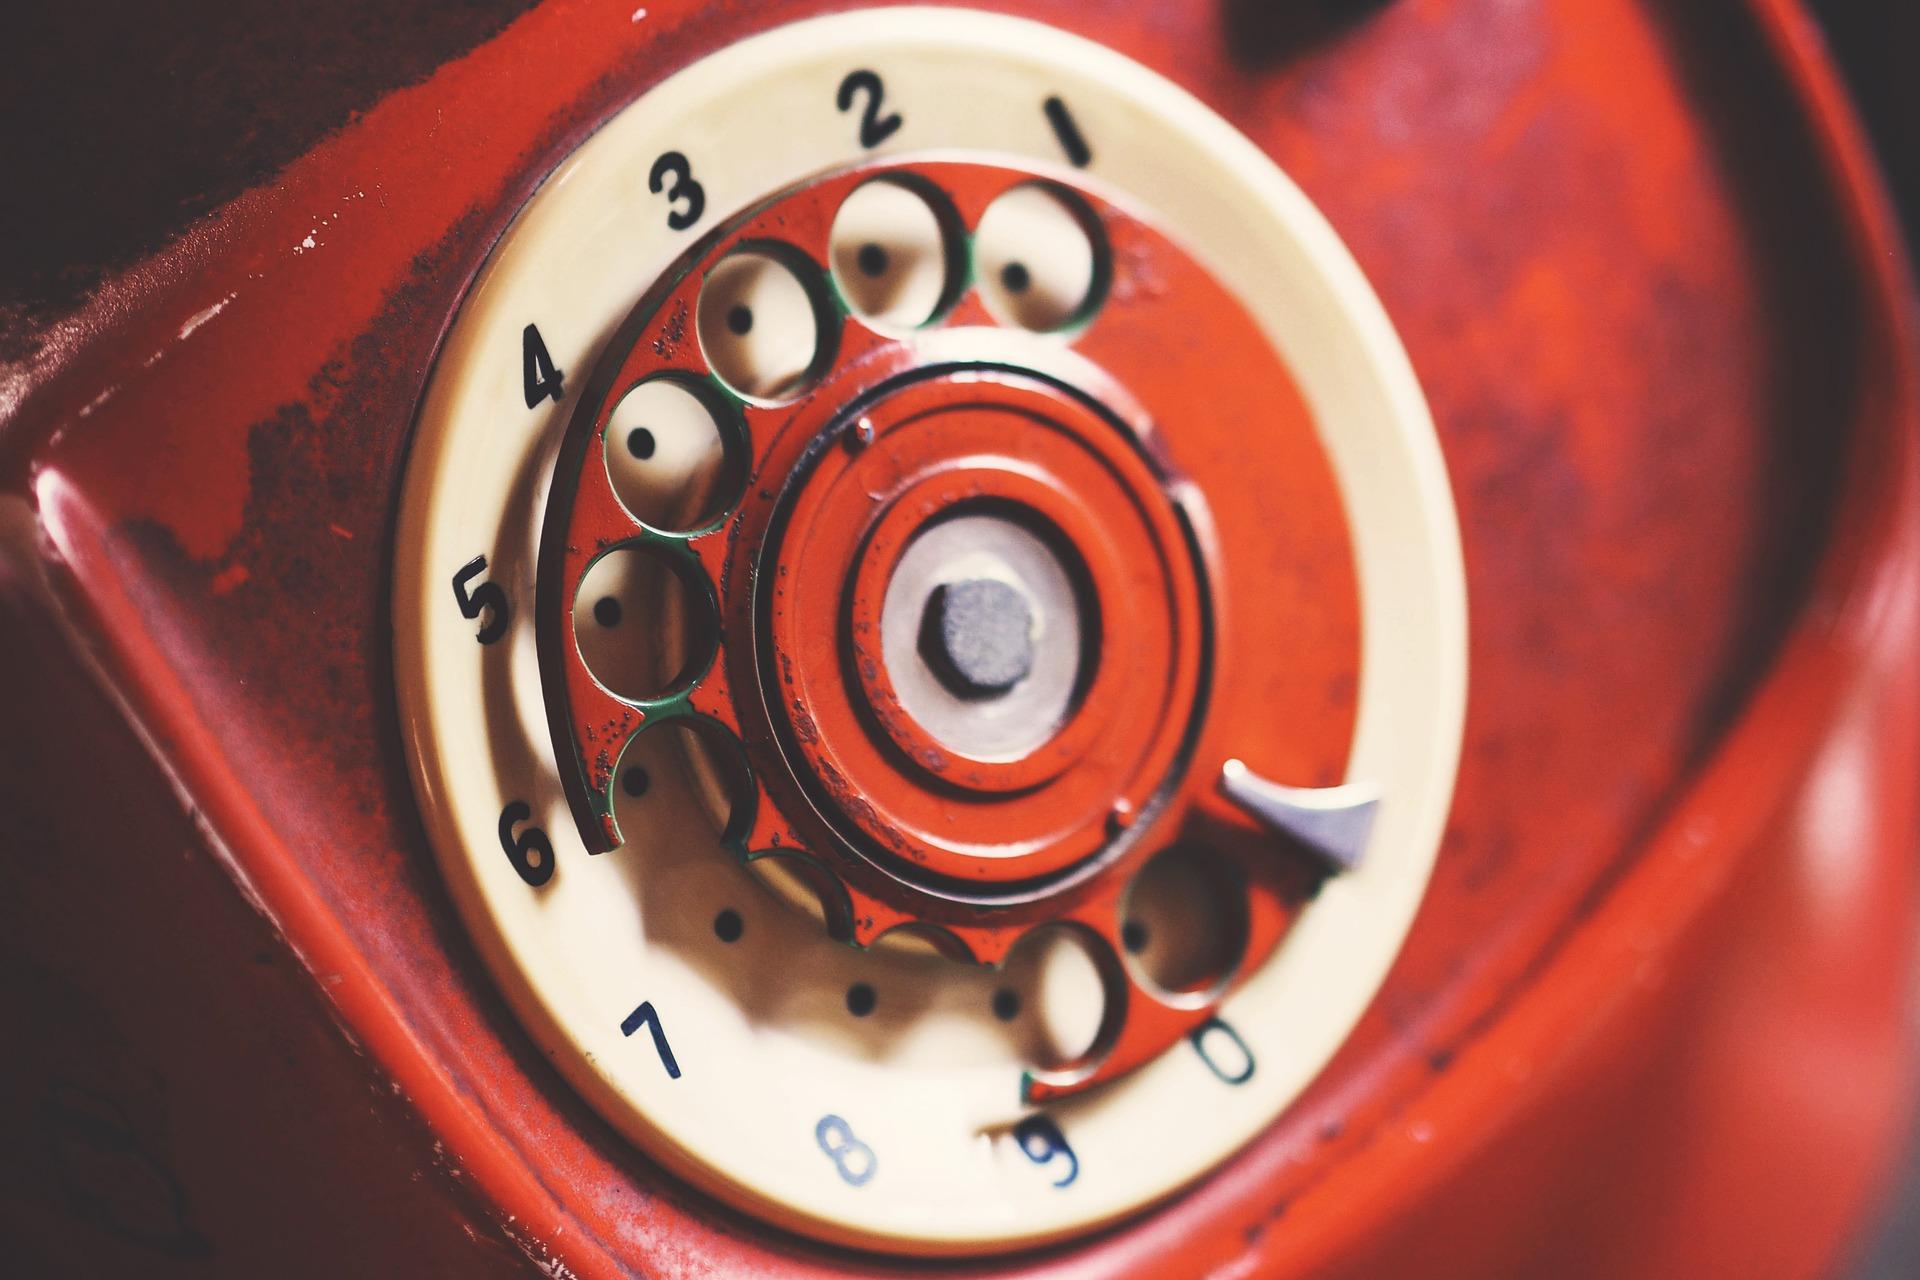 telefoon via internet legaal pixabay